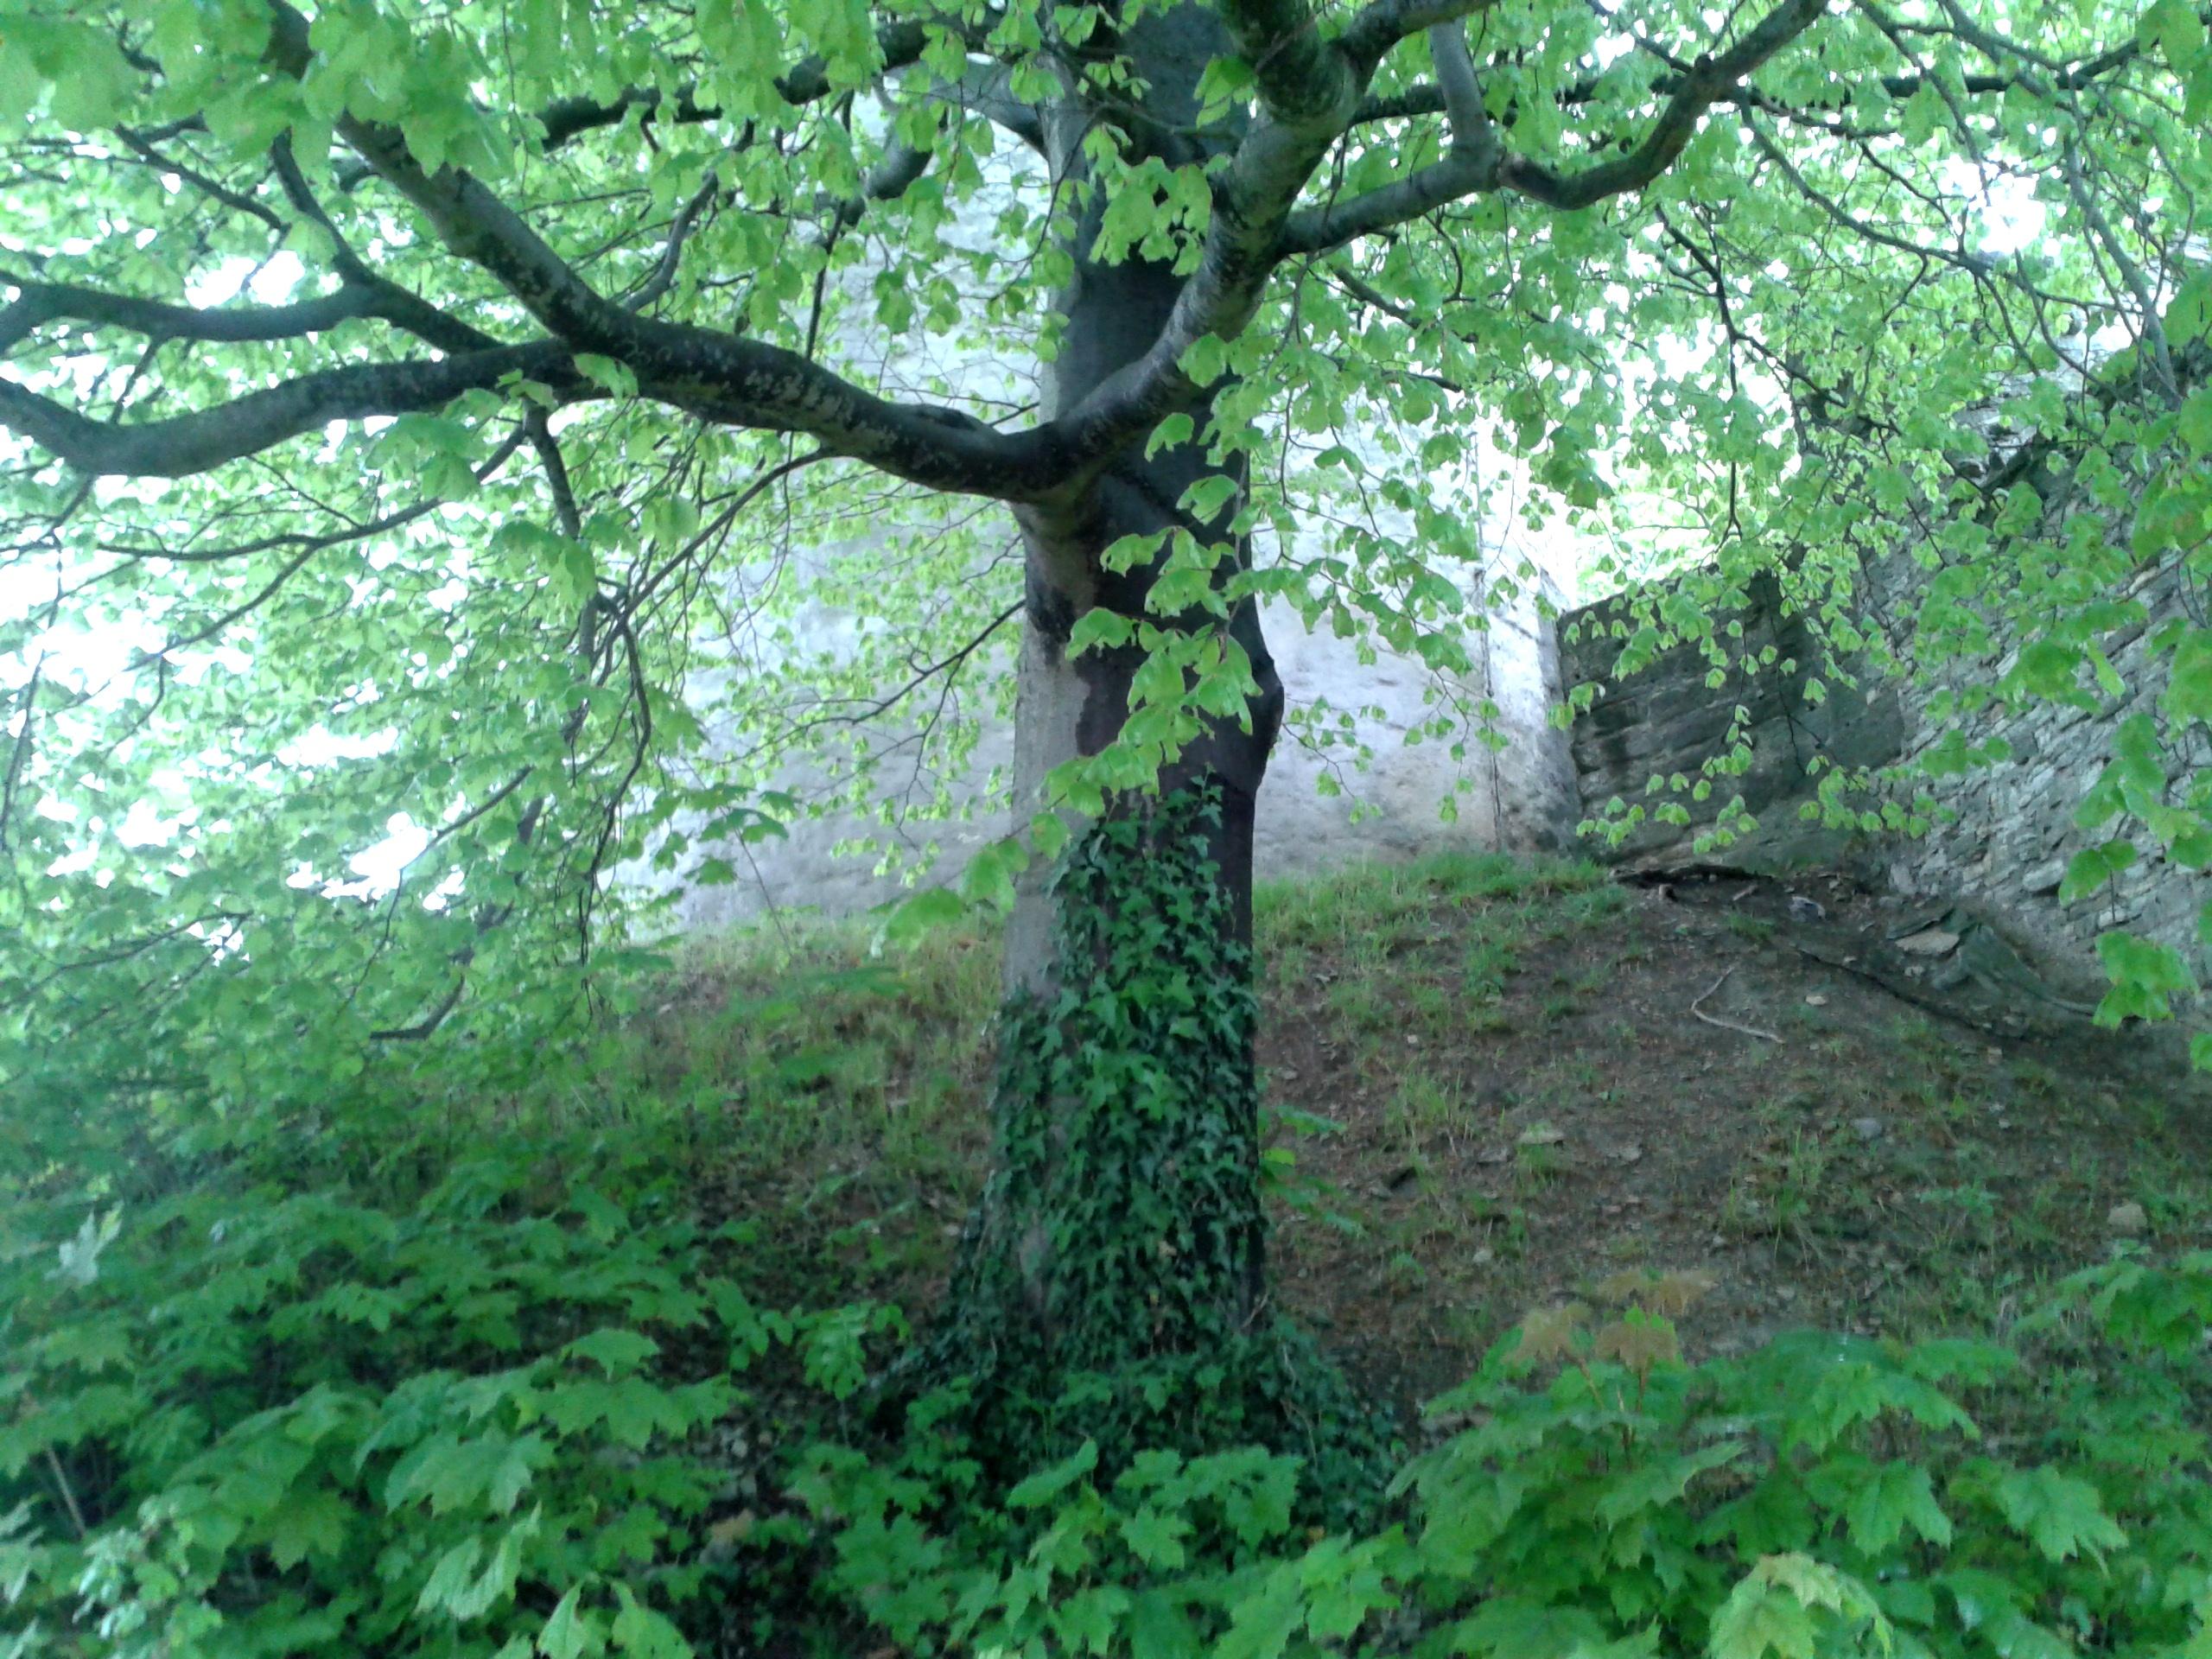 An old tree in the 'Burg Plesse' in Germany, near Goettingen.